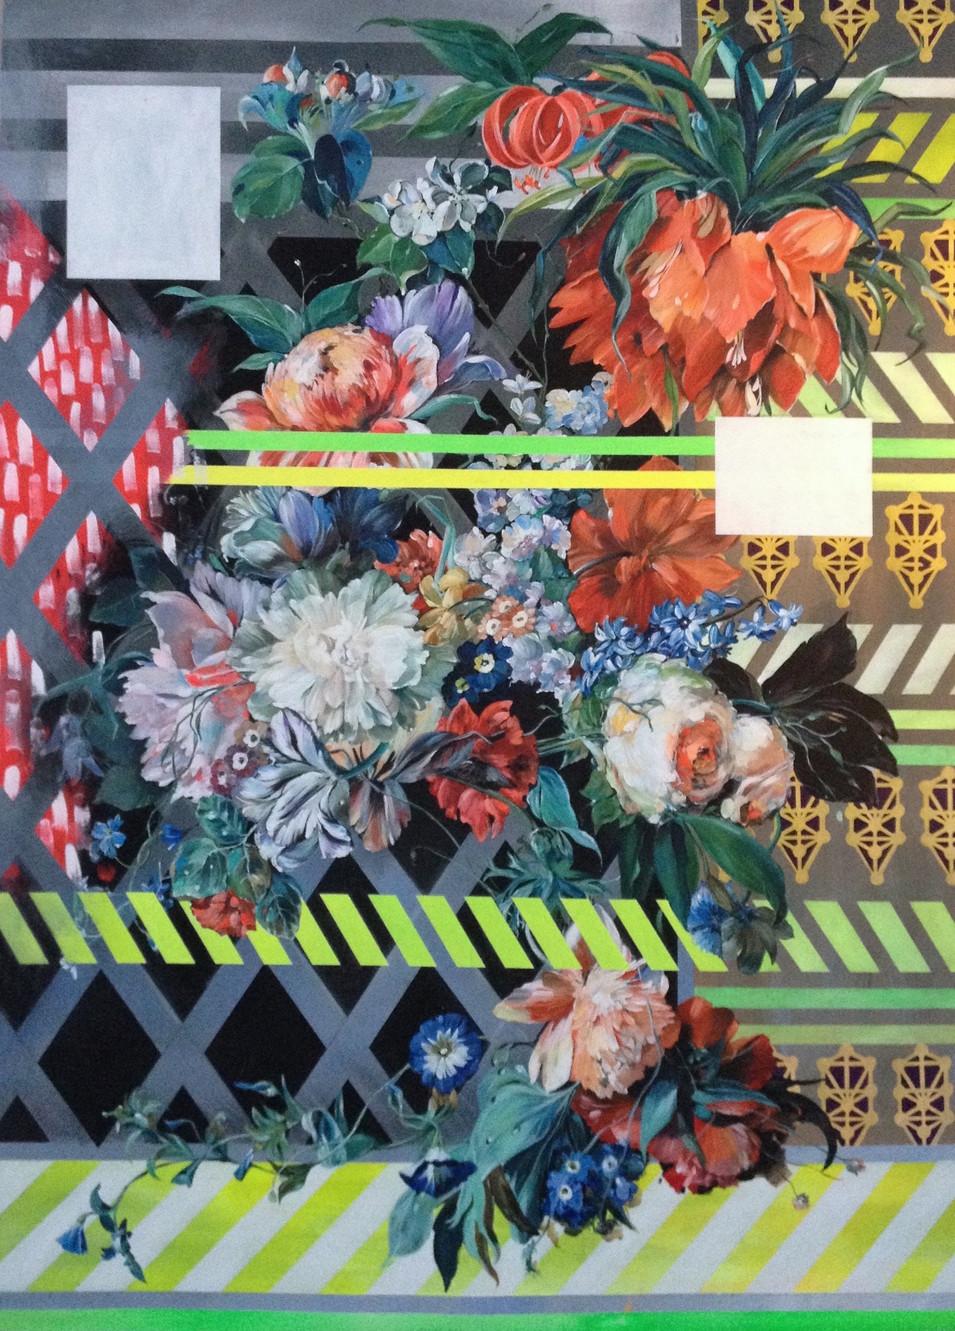 Flowerstudy II - (Juxtaposed)